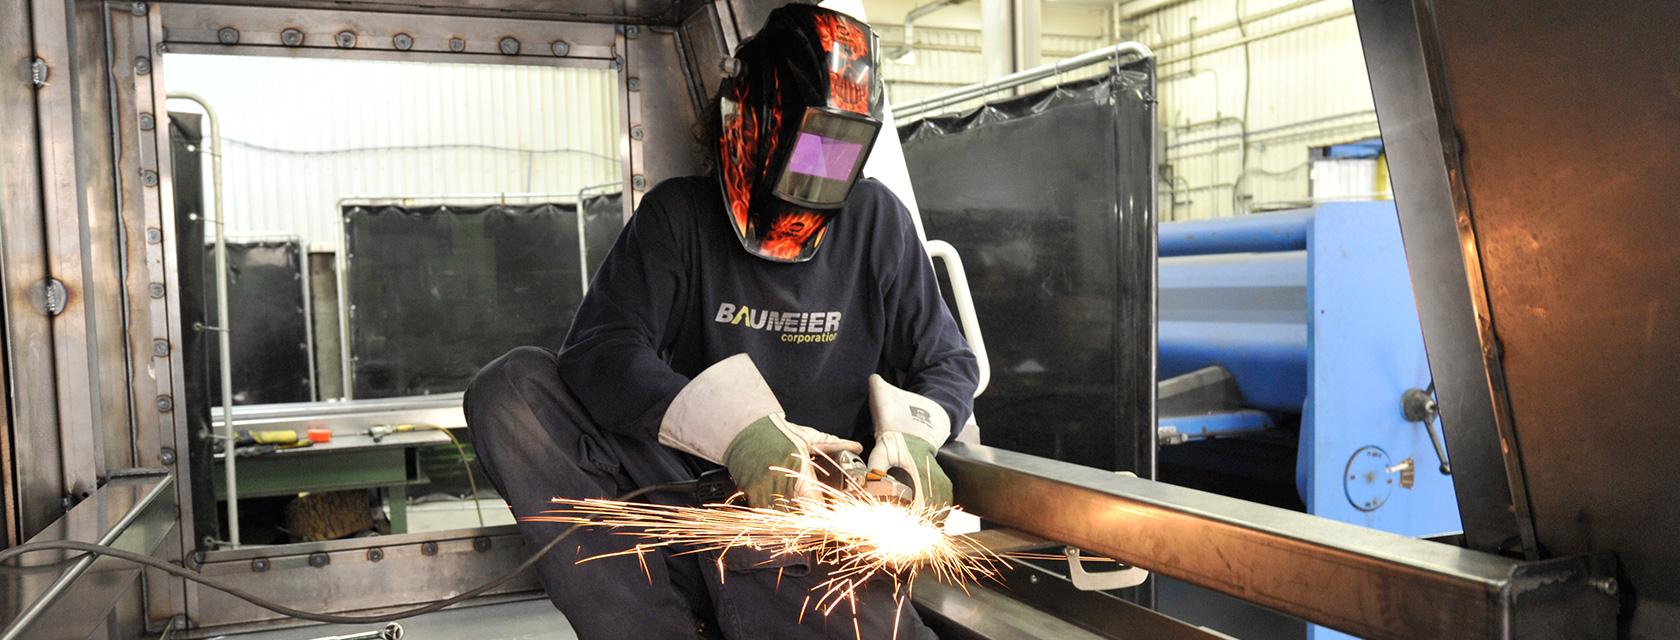 fabricationsliderimage